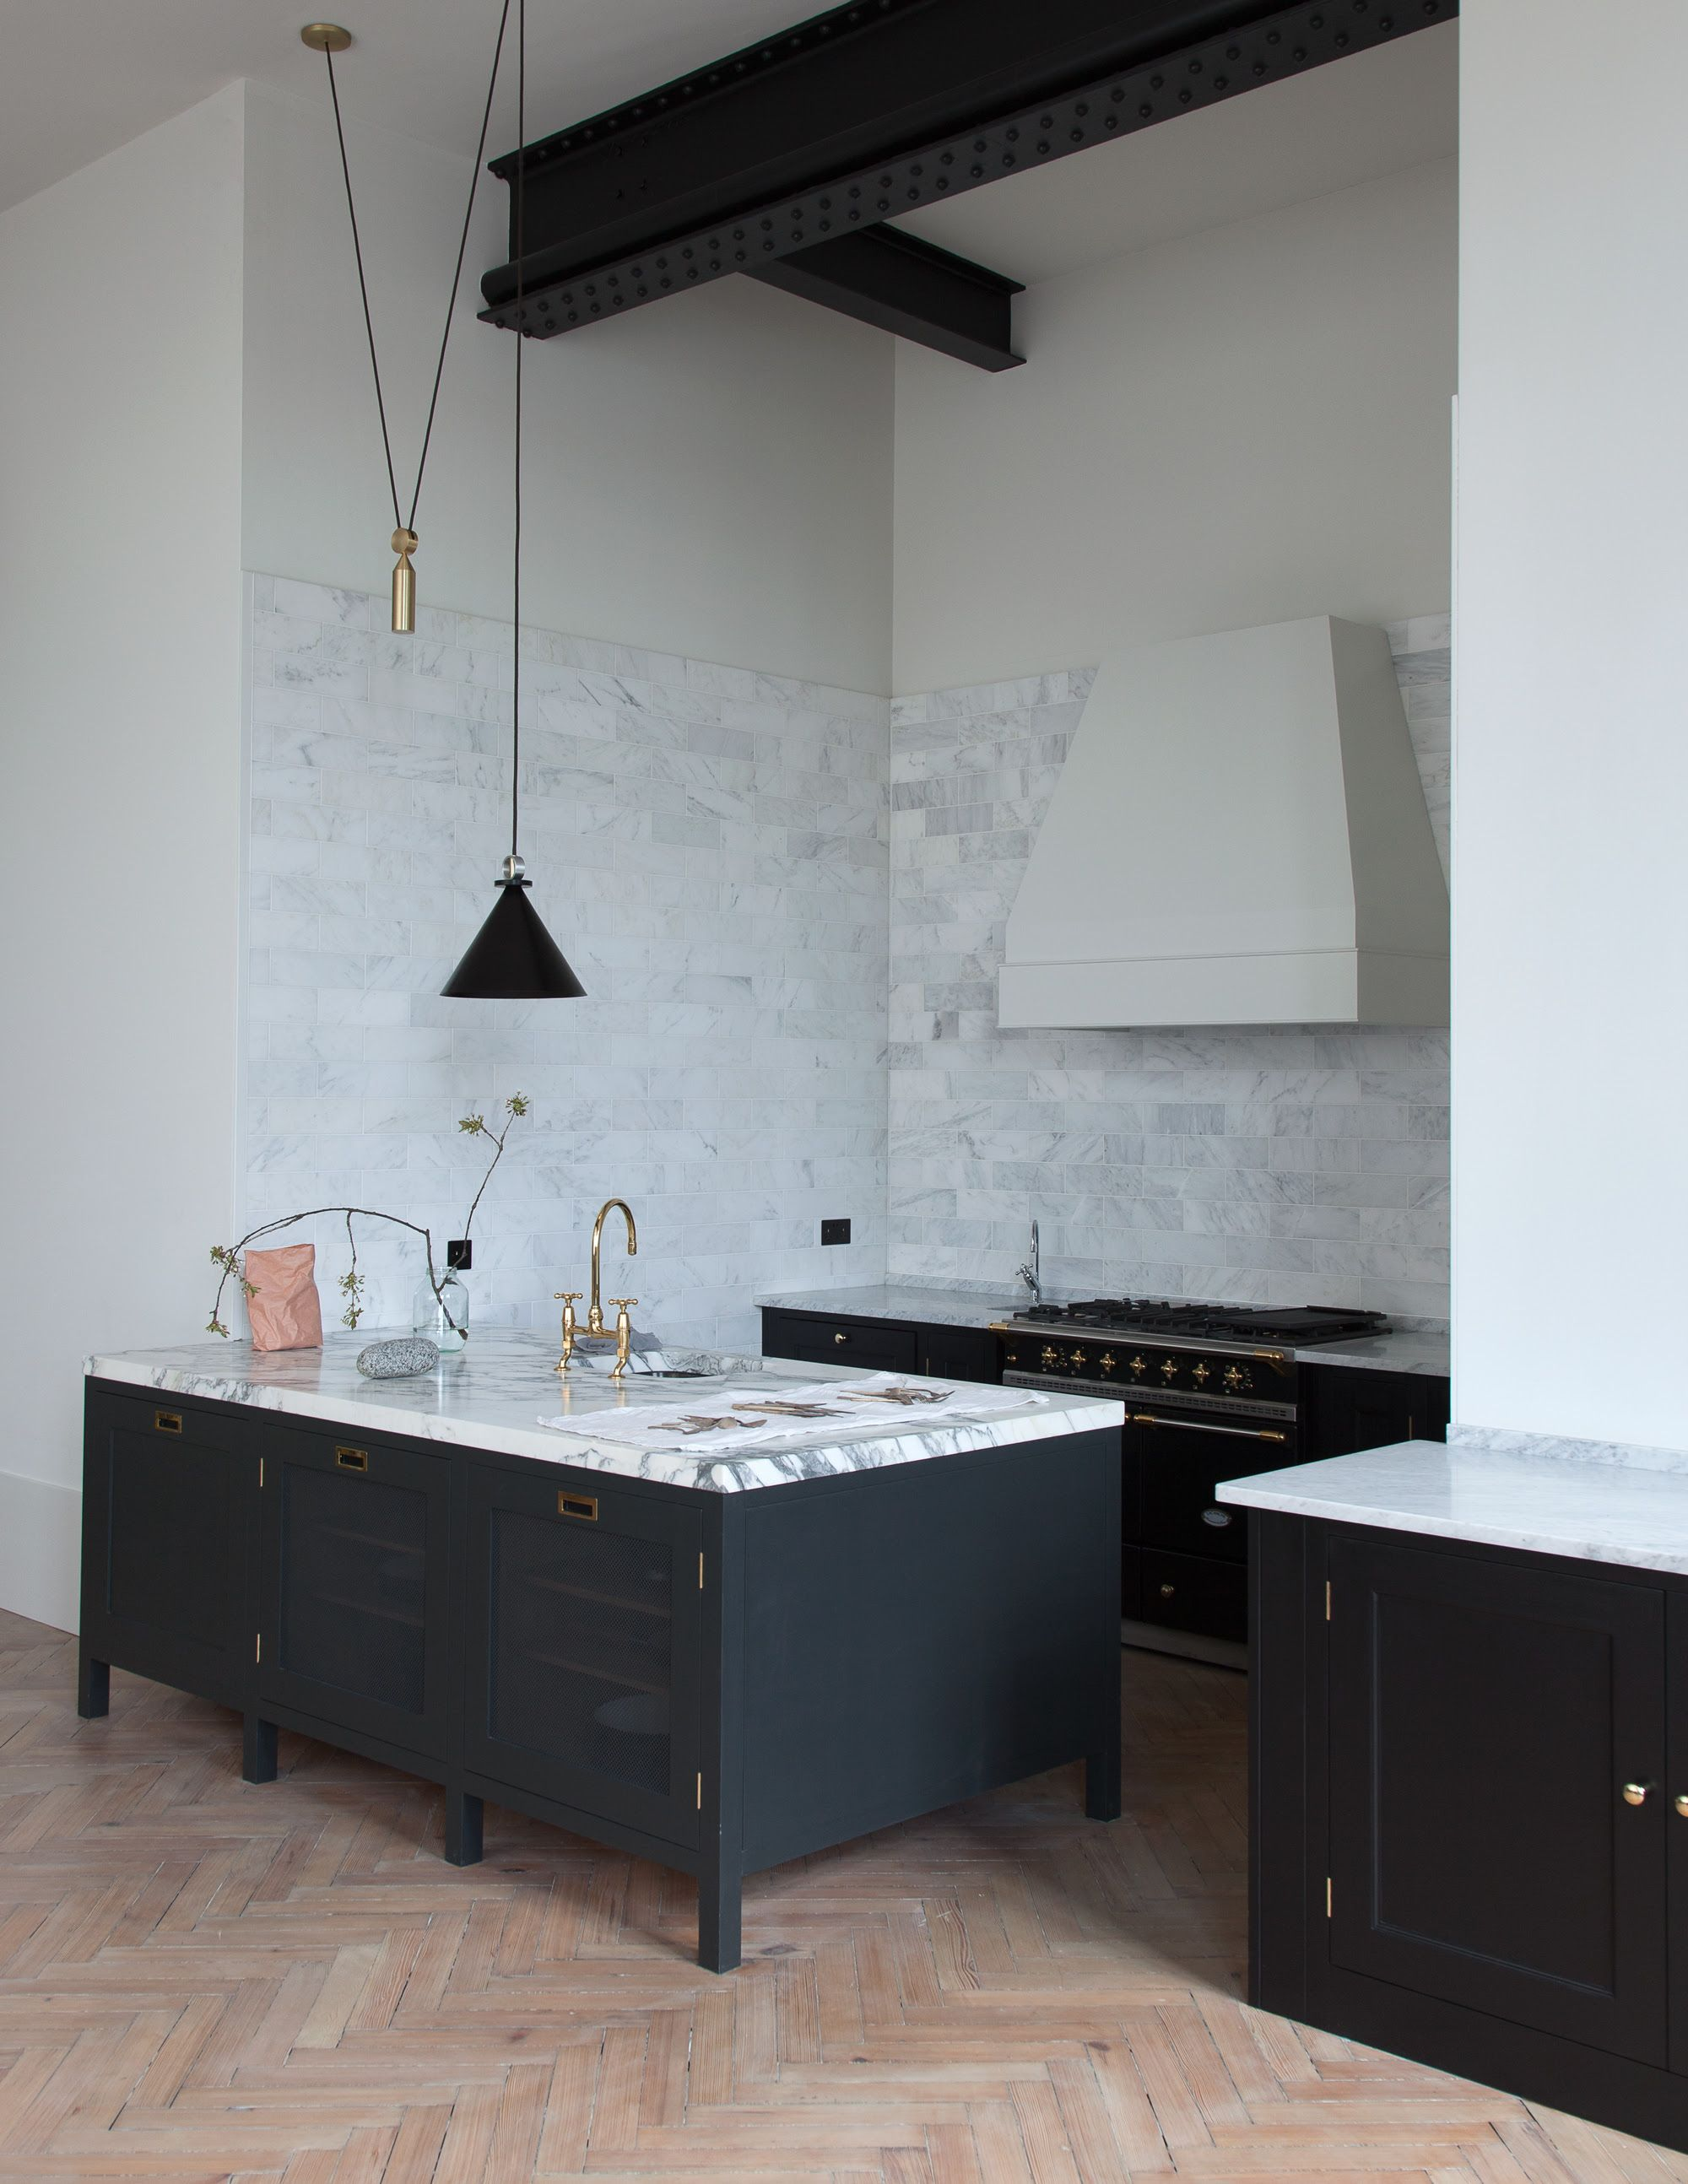 Cozinha 375 | kitchens | Pinterest | Kitchens, Interiors and Lights